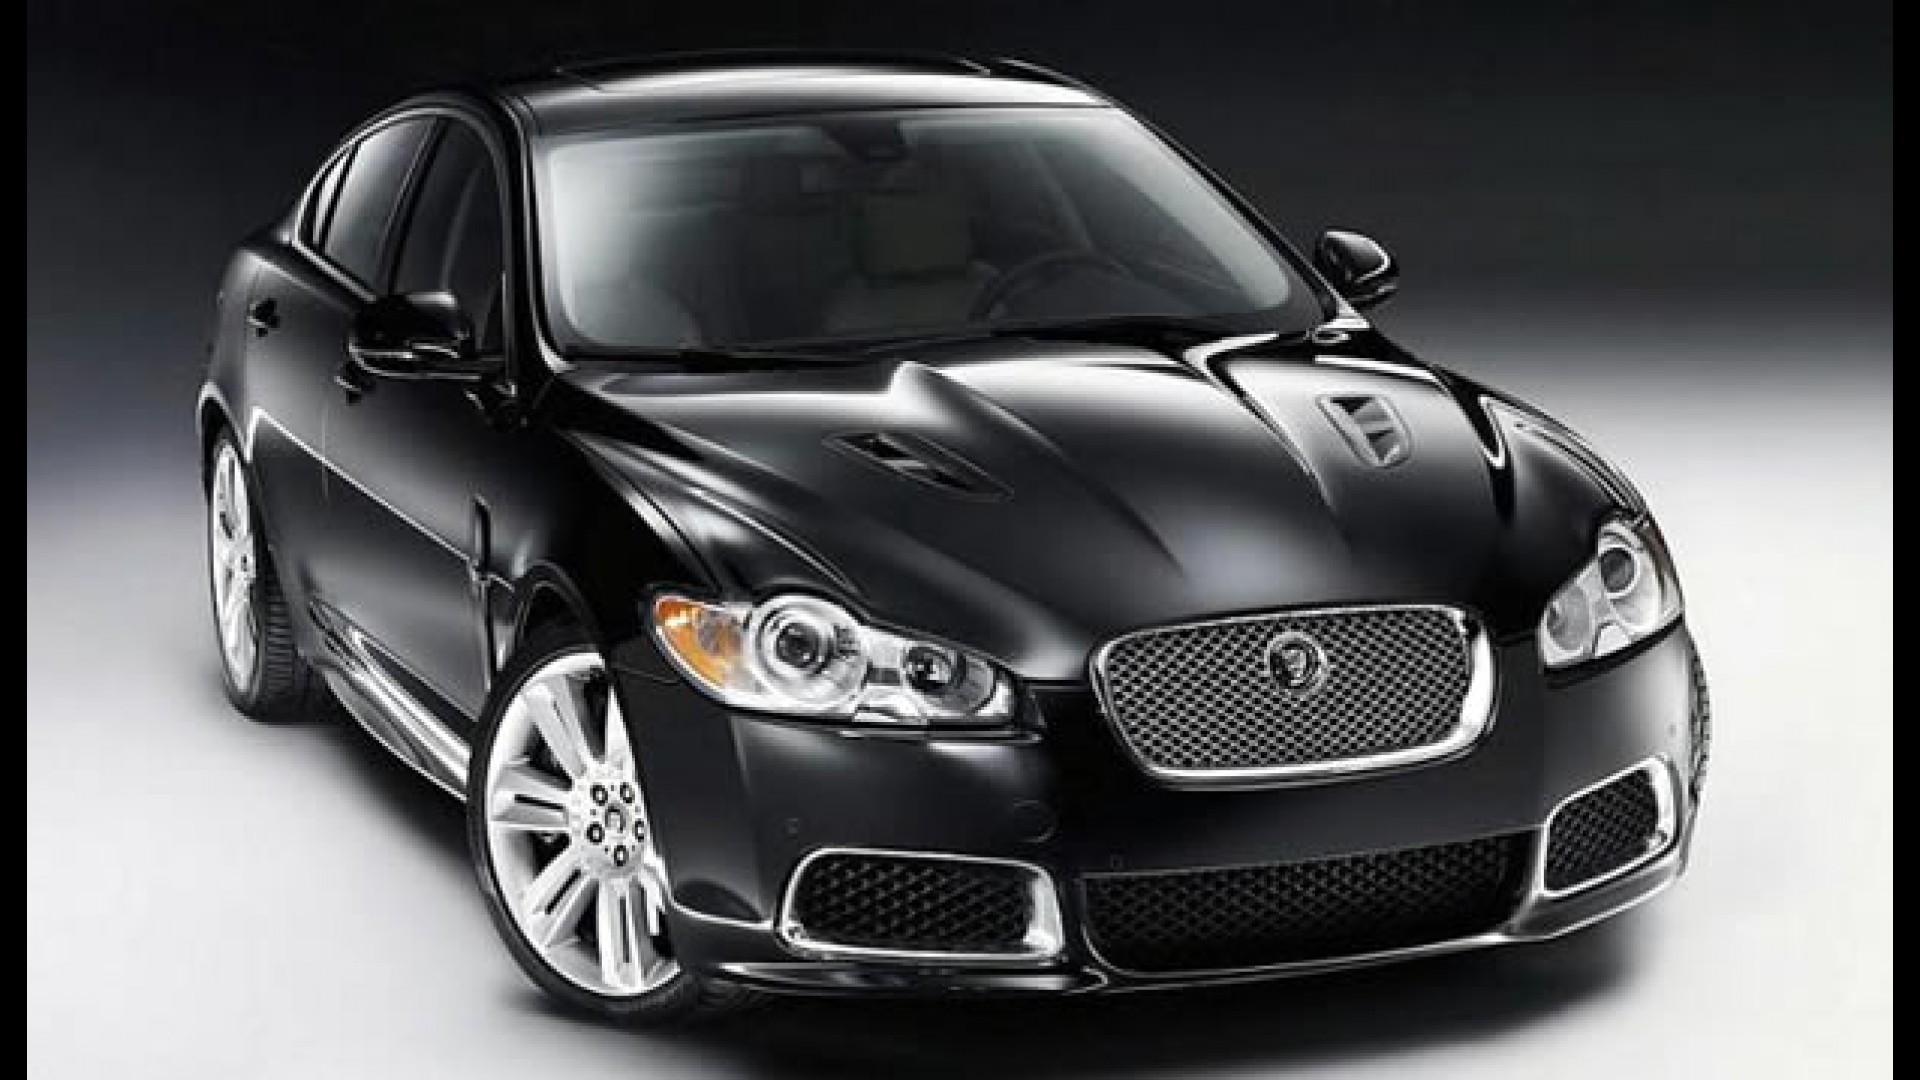 Jaguar Lança XF 5.0 Supercharged 2010 Nos EUA Por US$ 68 Mil   Versão Tem  Motor V8 De 476 Cv